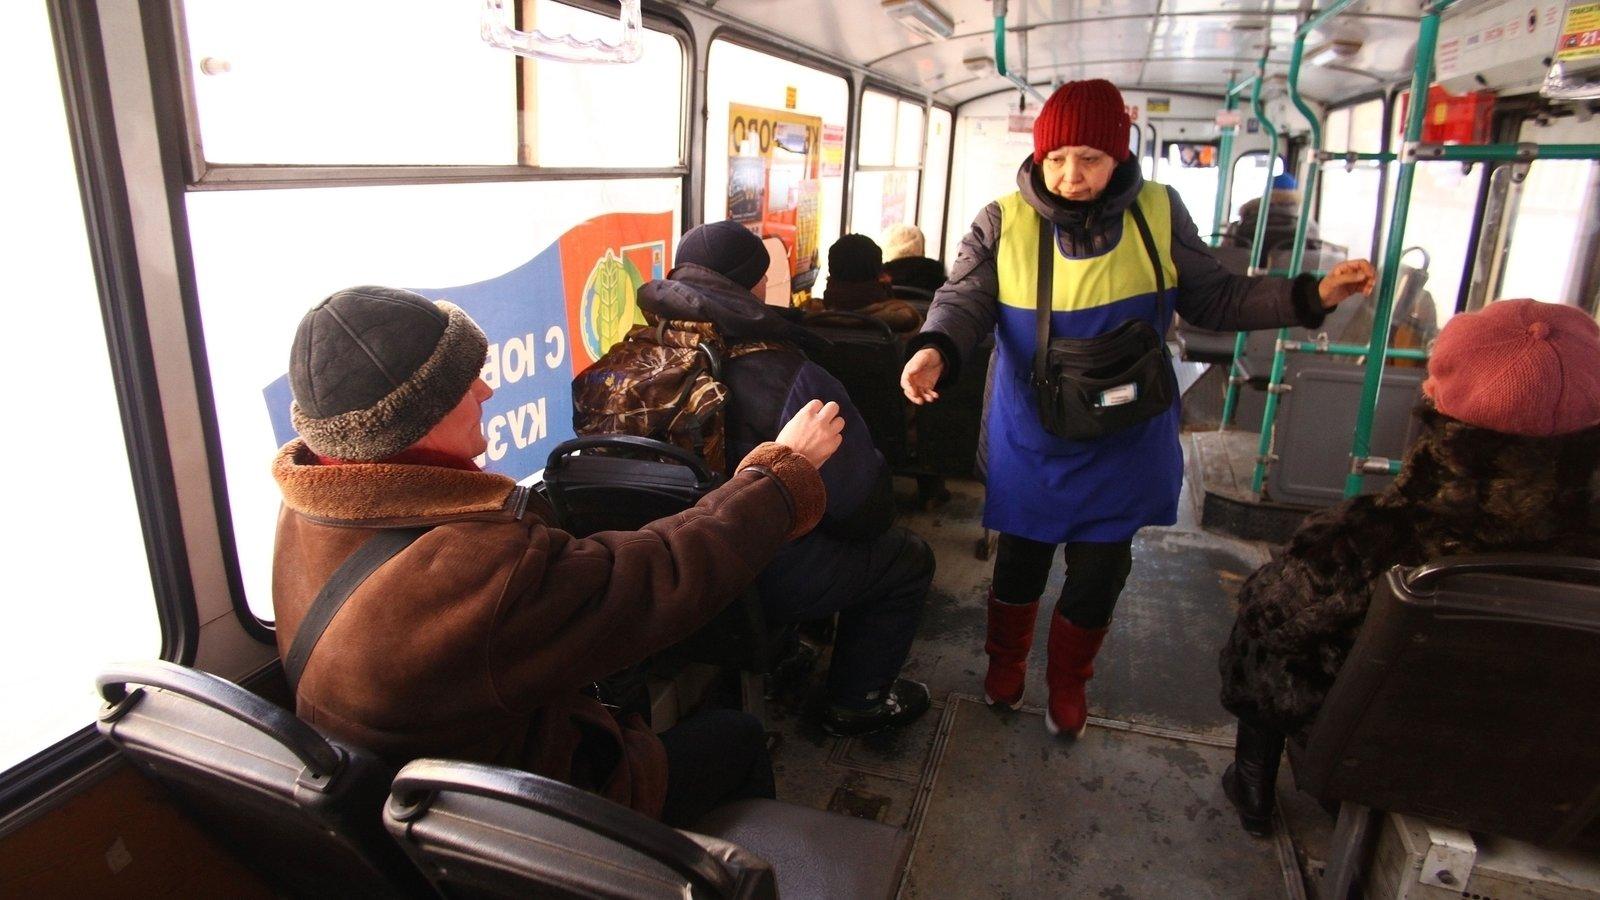 сделать повышение цен на проезд в общественном транспорте 2017 чего это нужно